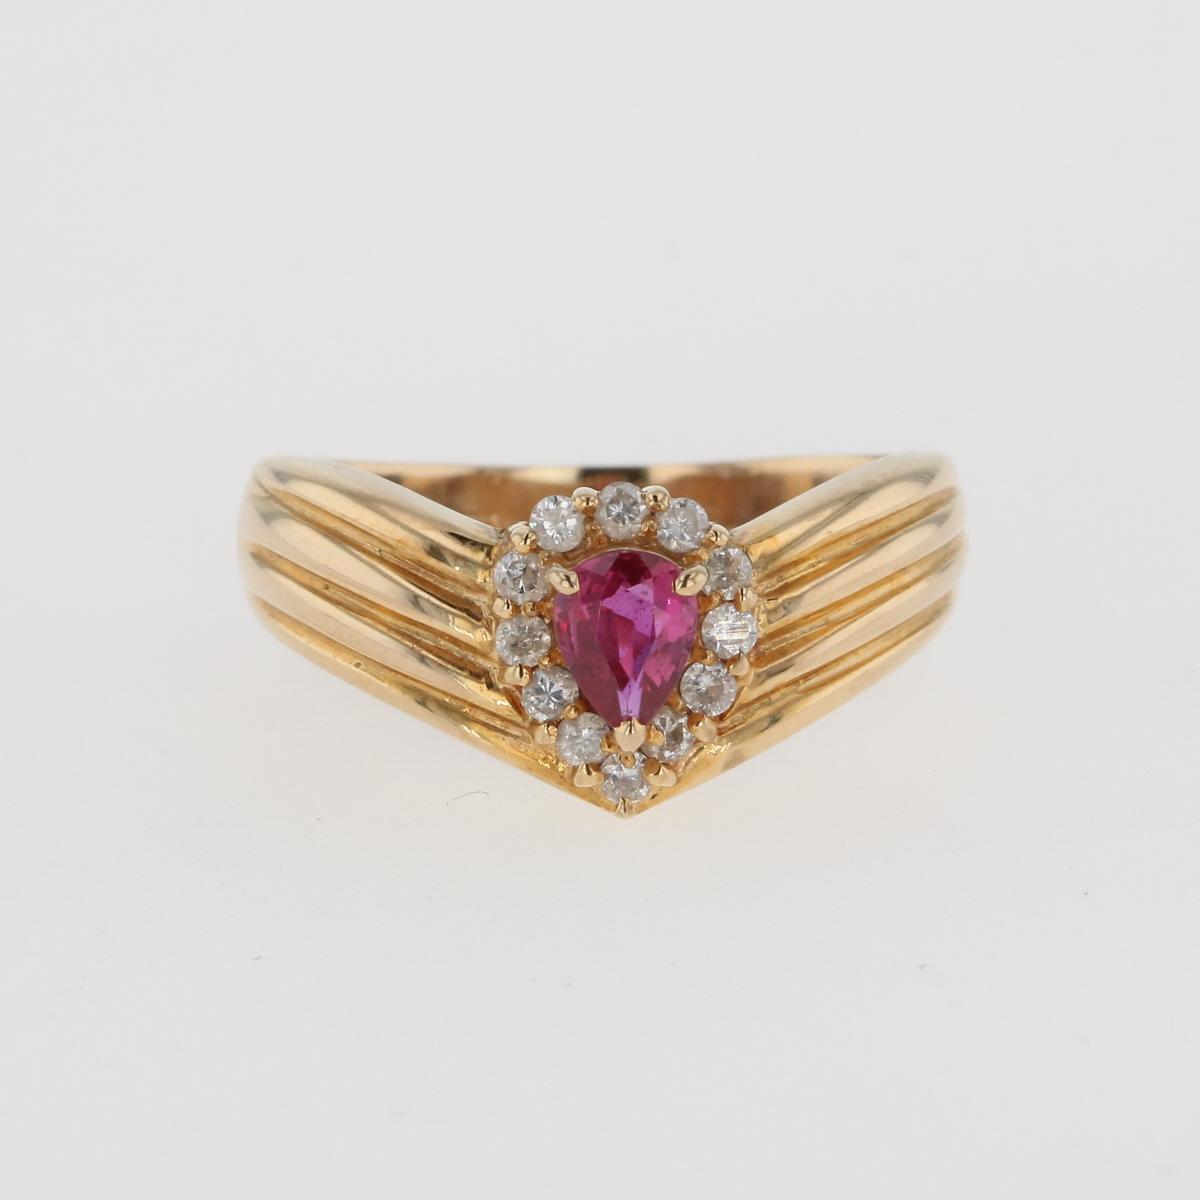 驚きの価格が実現 USED 送料無料 ルビー デザインリング K18 イエローゴールド メレダイヤ 即納 YG 指輪 ダイヤモンド 中古 16号 レディース リング